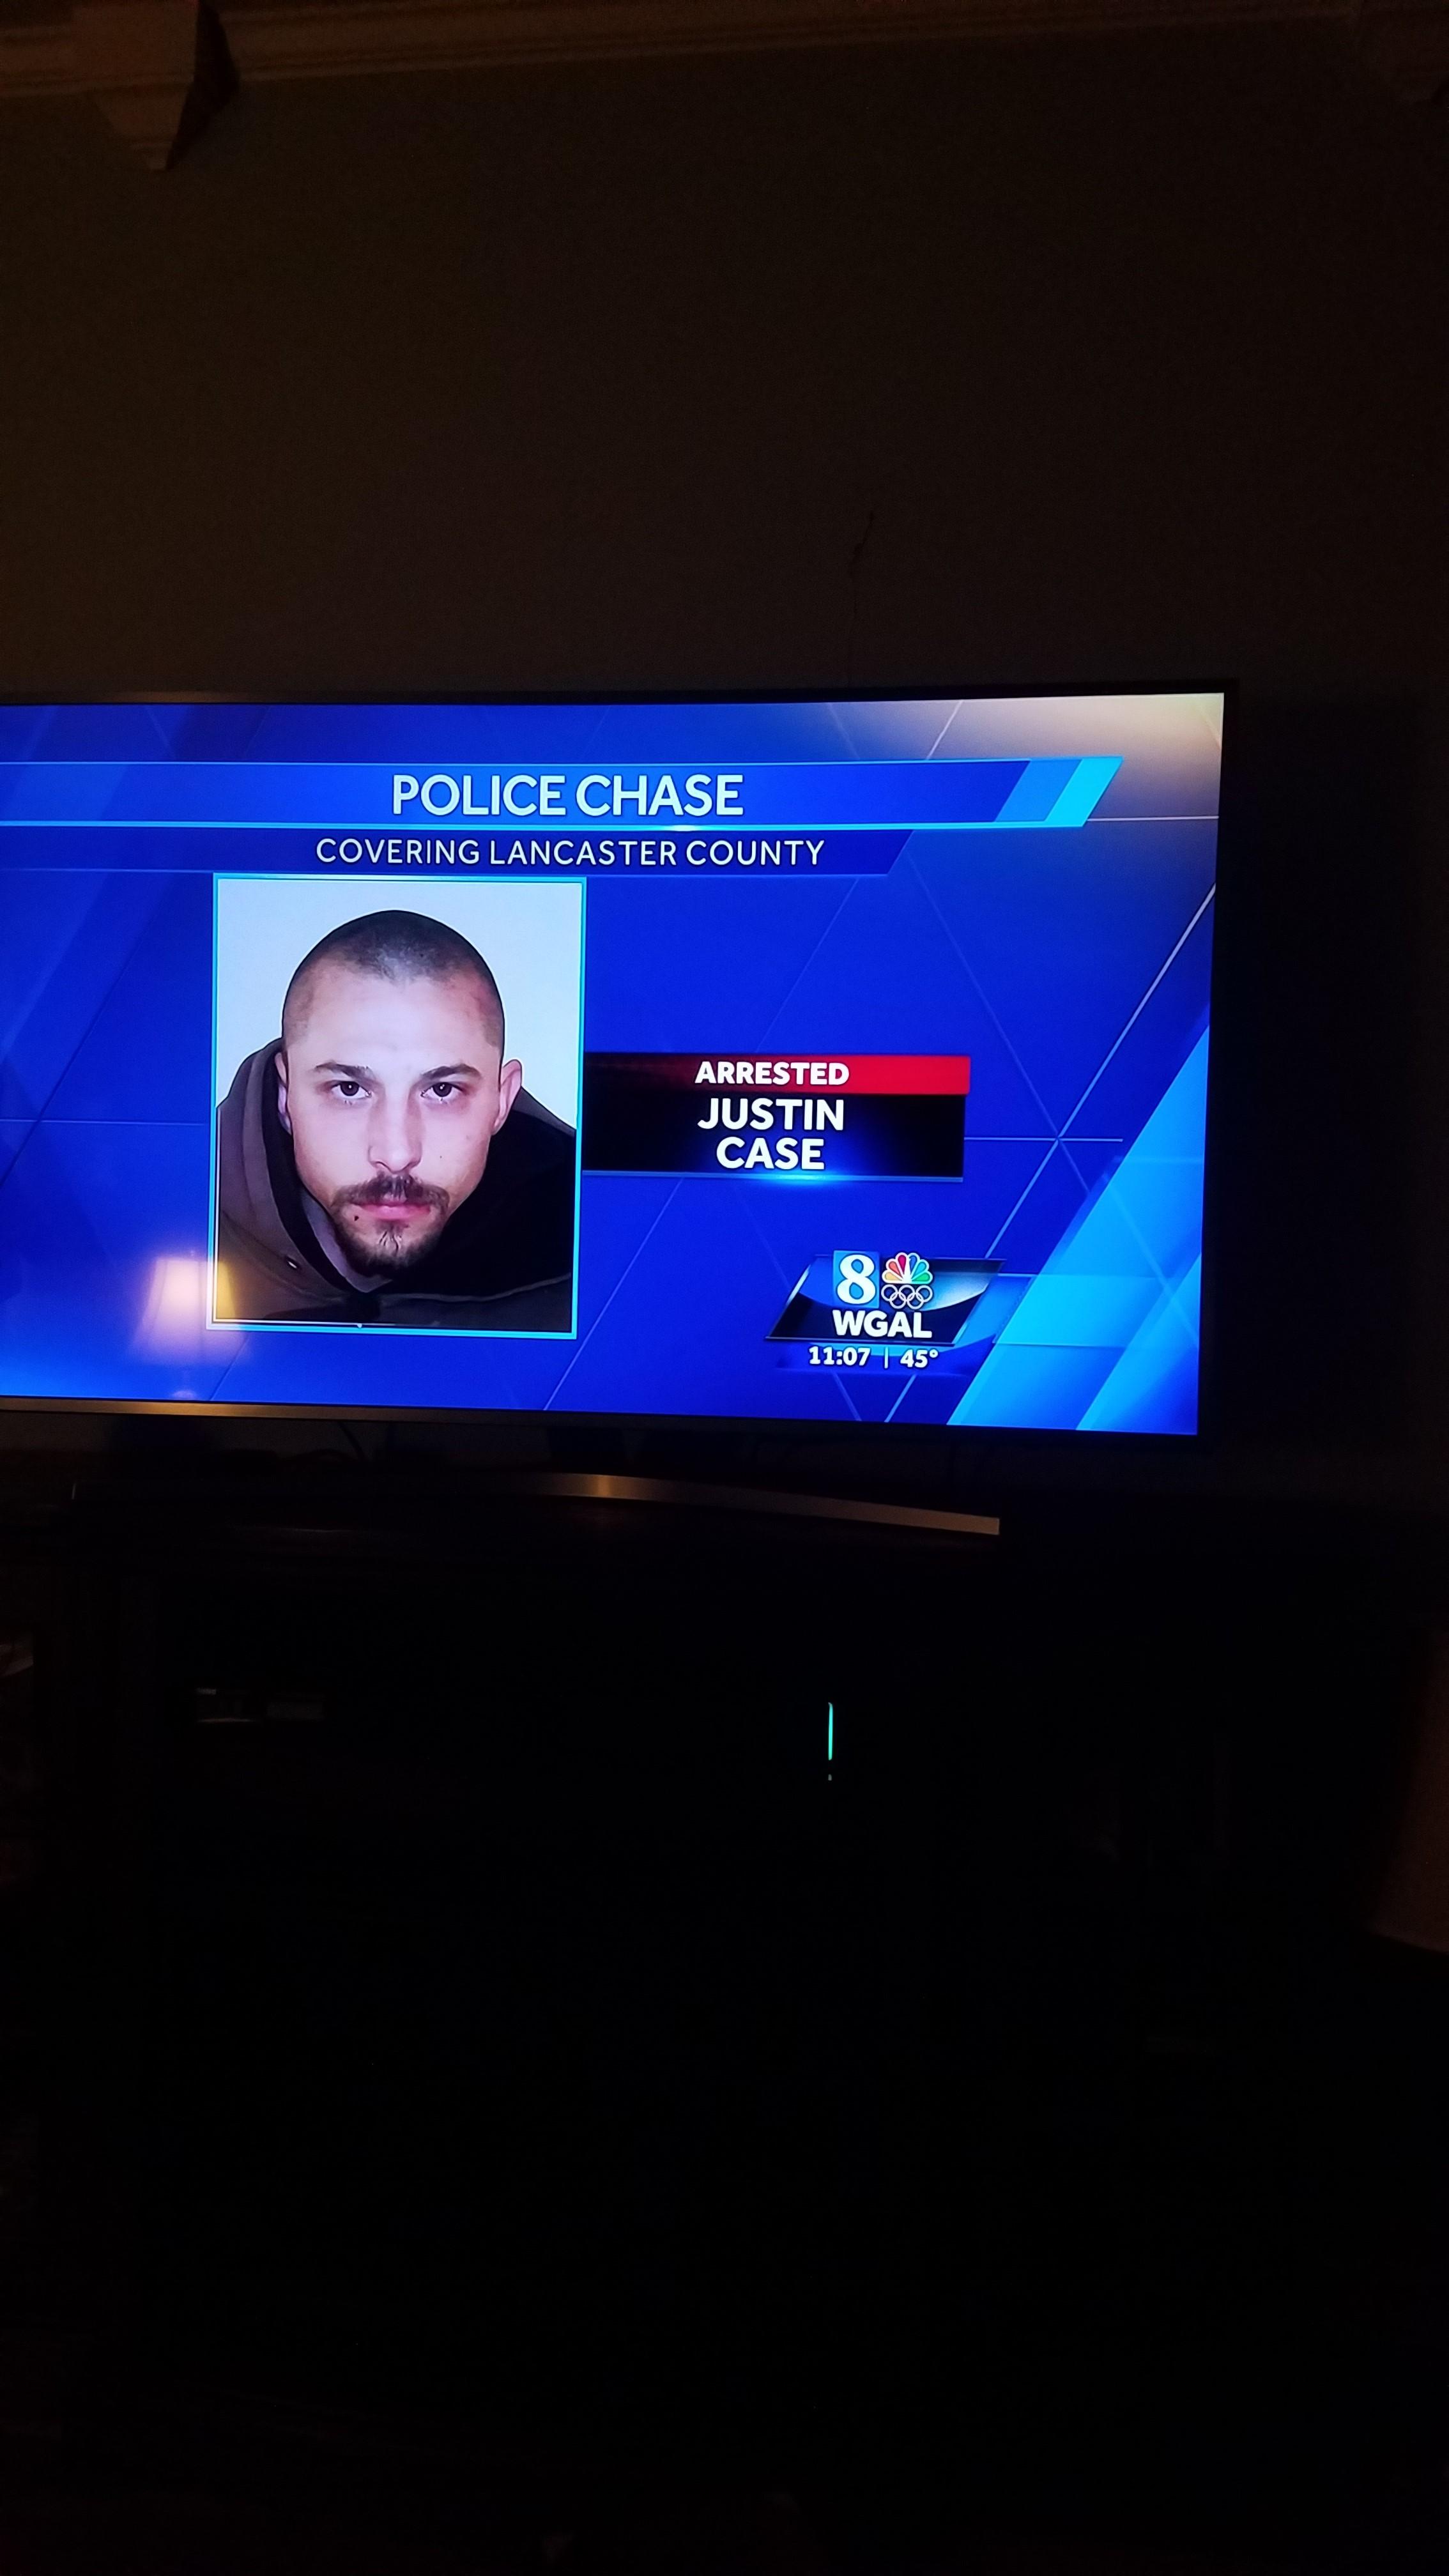 Arrested Justin Case